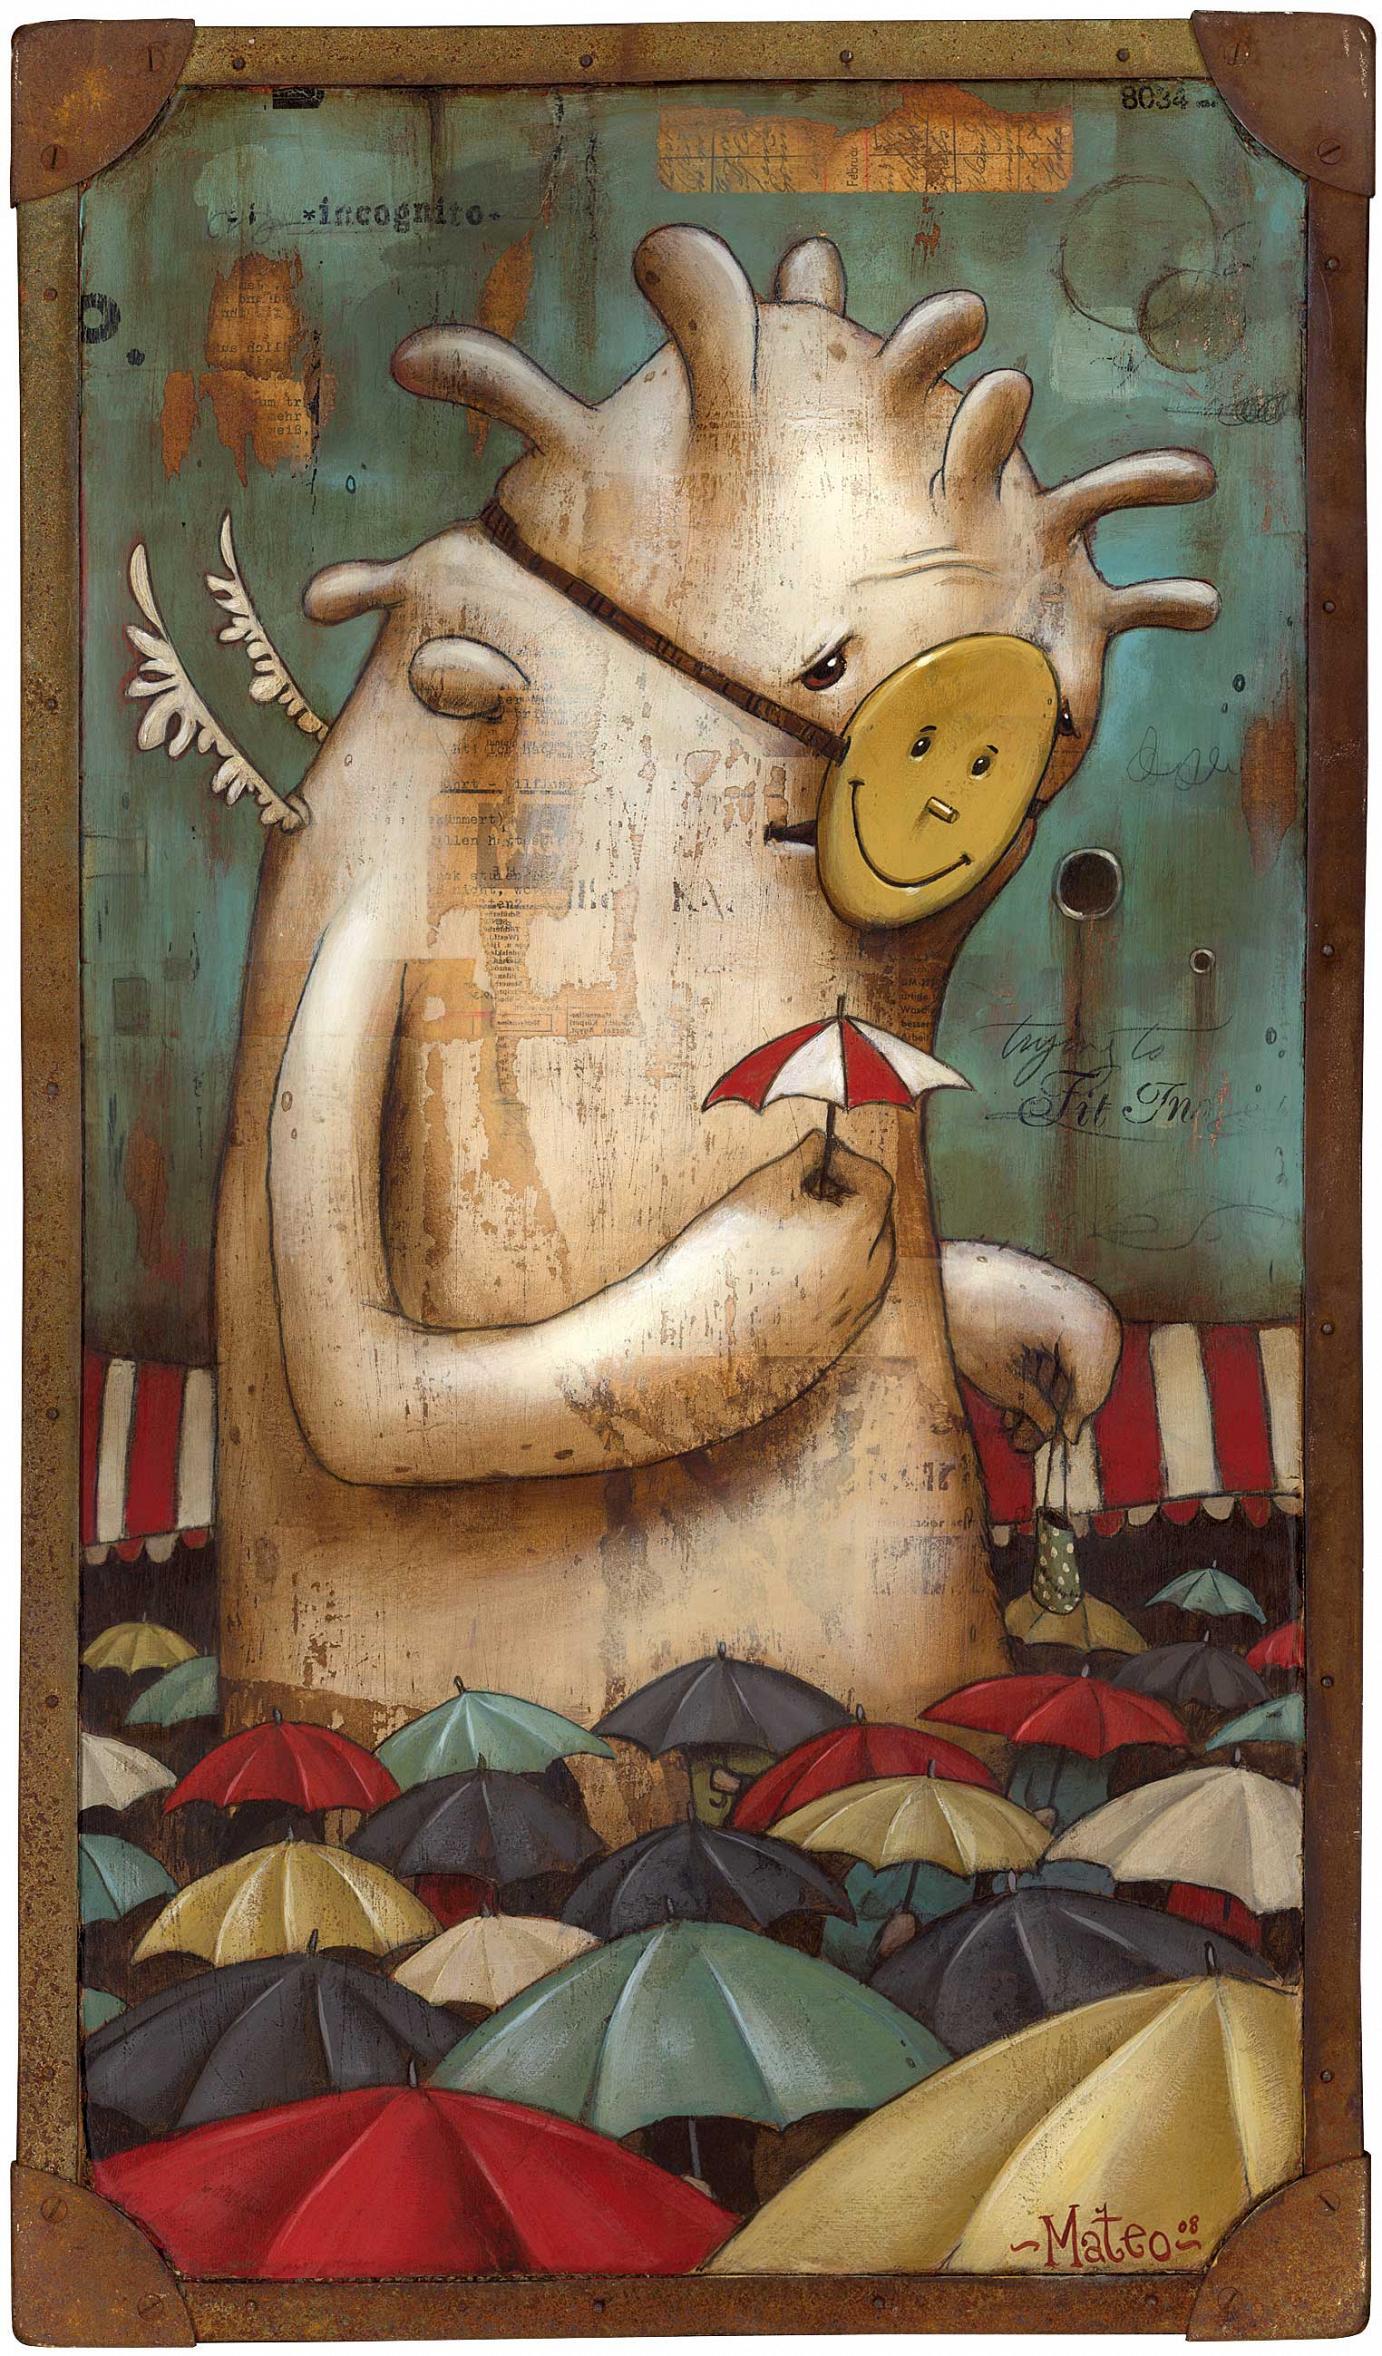 Mateo »Incognito« Acryl und Collage auf Holz 40 cm x 70 cm